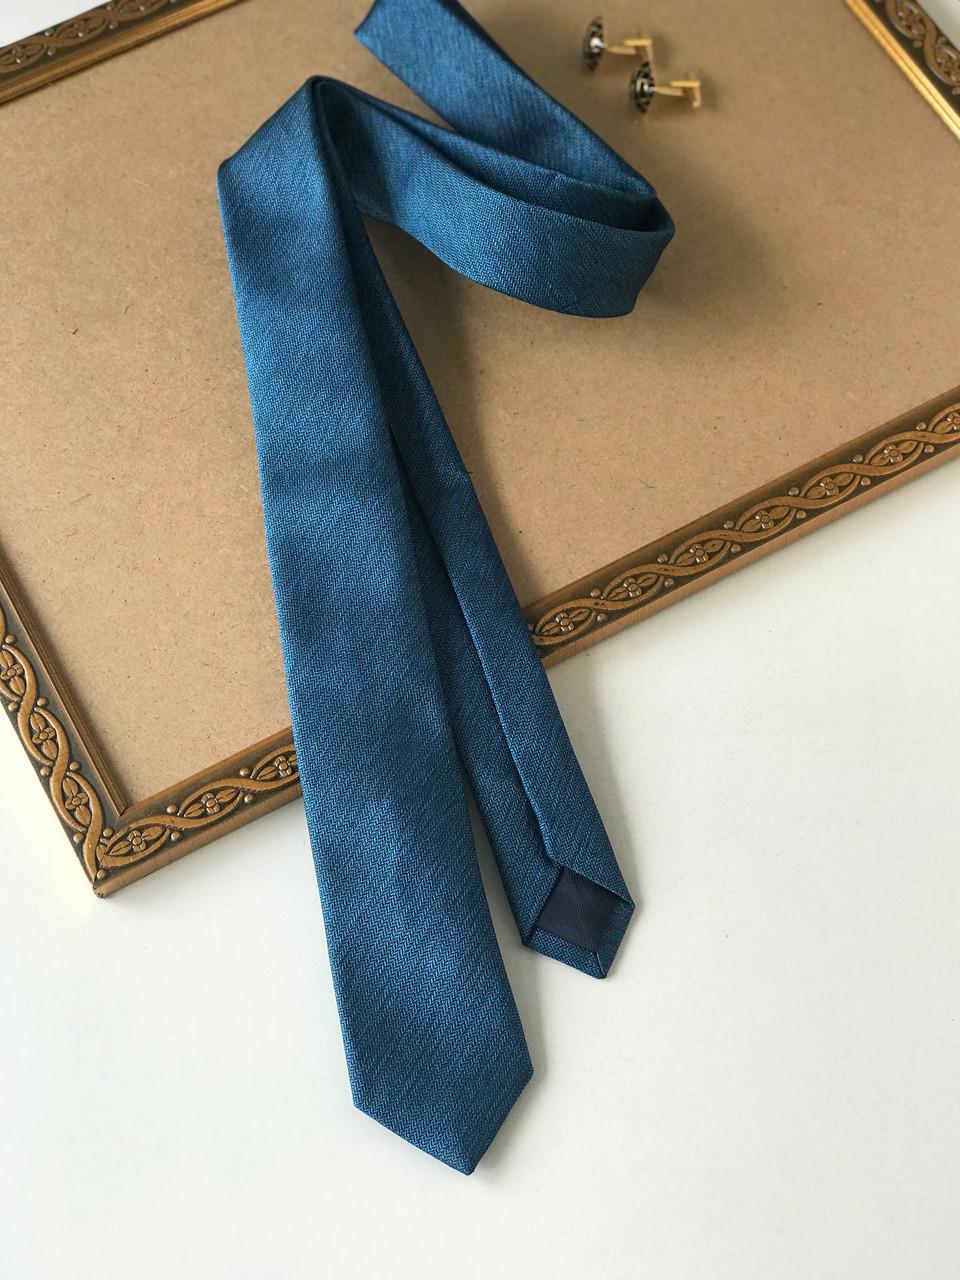 """Вузький краватку """"Fly"""", темно-бірюзовий колір, в подарунковій коробці. M&S."""